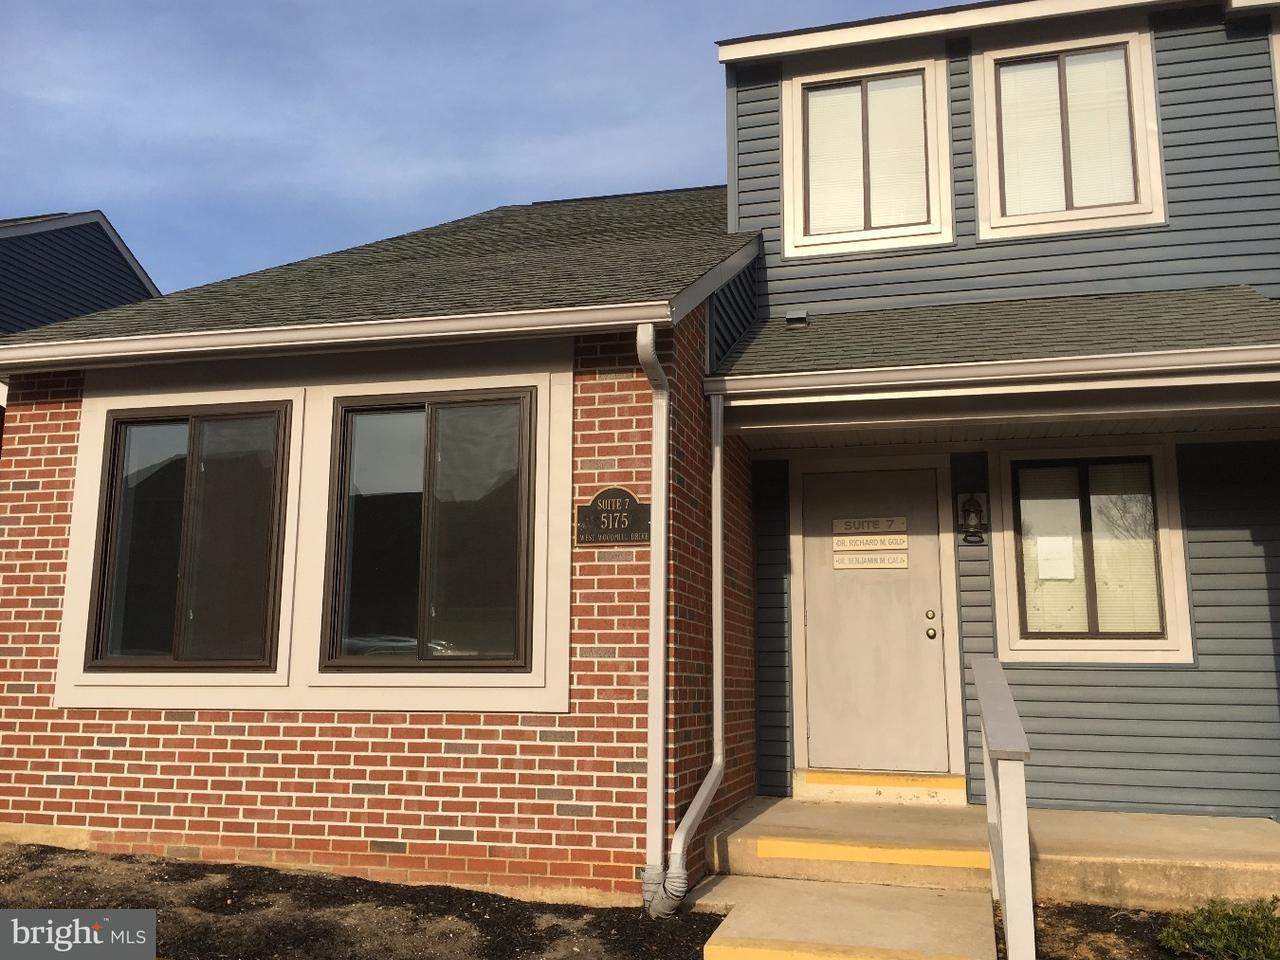 Casa Unifamiliar por un Venta en 5175 W WOODMILL DR #7 Marshallton, Delaware 19808 Estados Unidos